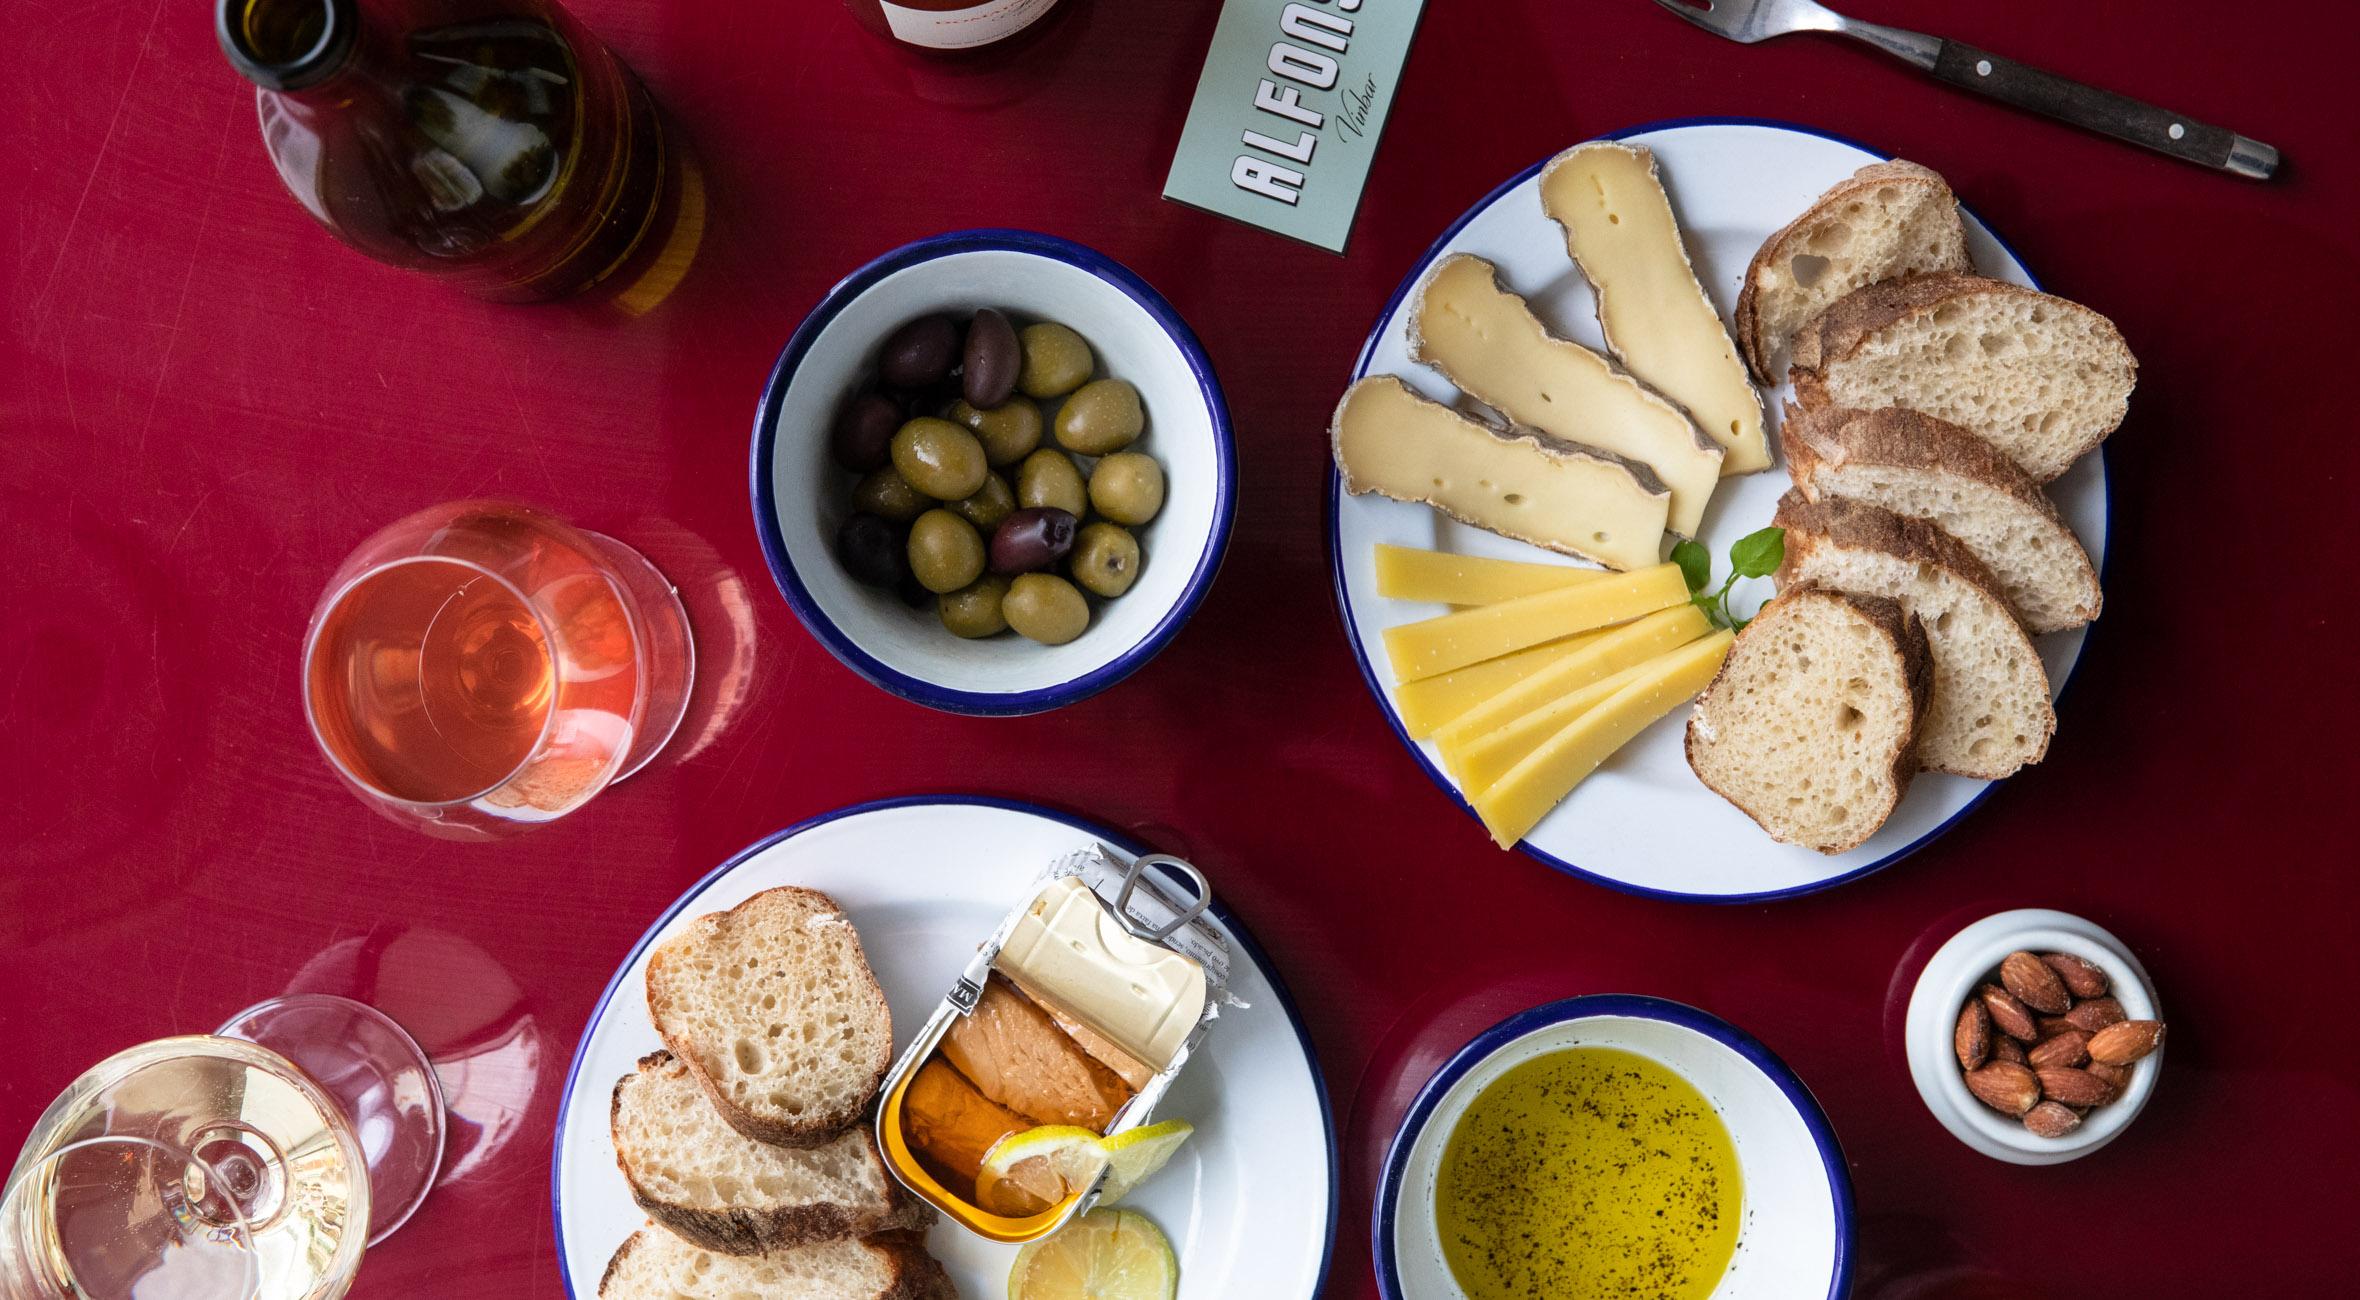 Frit valg til alt hos Alfons' – Hip vinbar pimper alt fra klassisk Nebbiolo til Riesling og funky naturvin over for Kødbyen